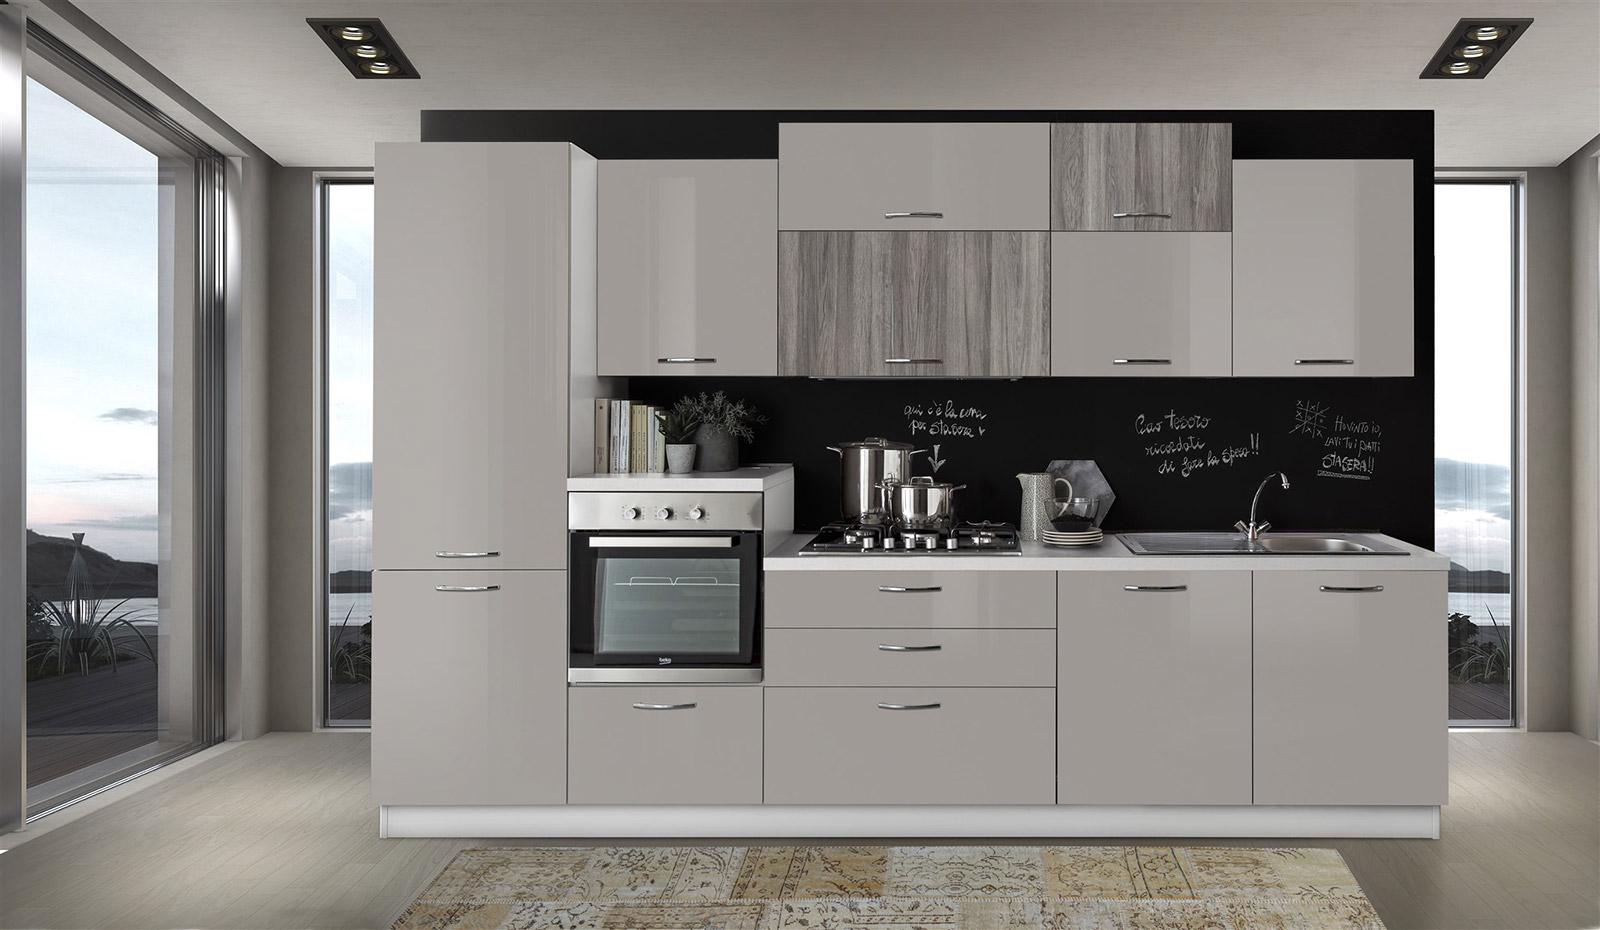 Offerte Cucine Moderne Napoli.Cucina Cloe 330 Con Lavastoviglie